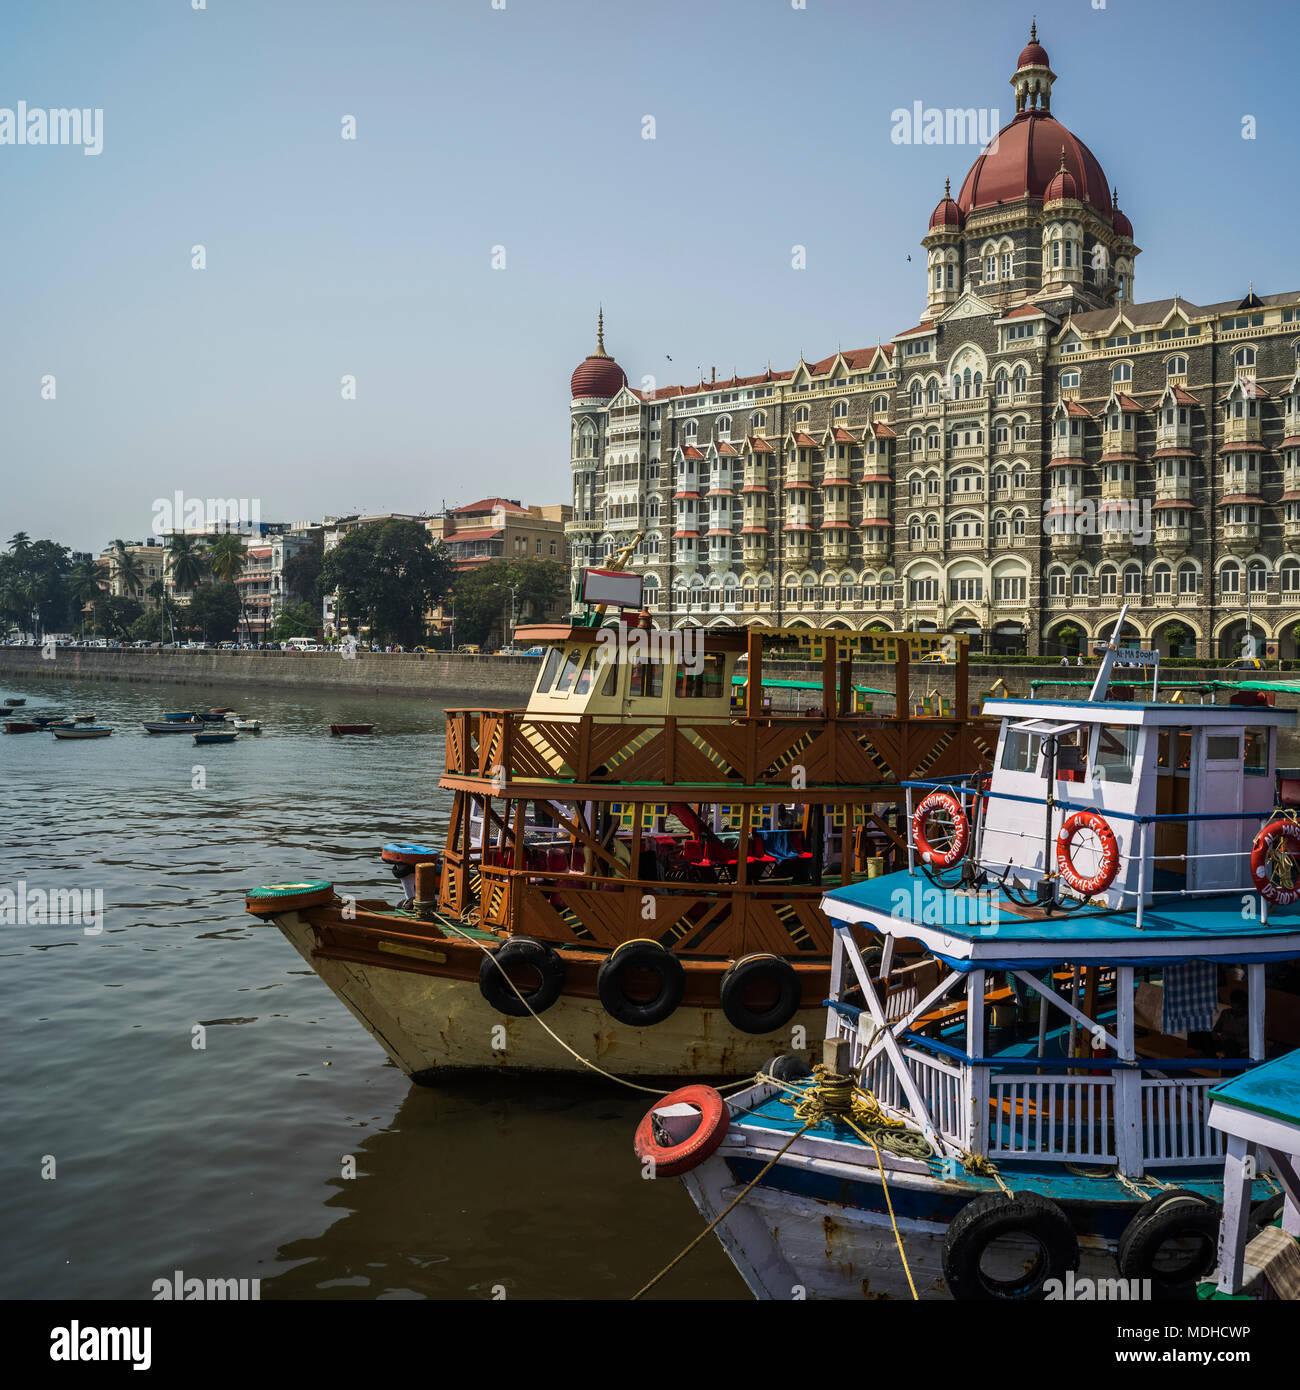 Taj Mahal Hotel; Mumbai, Maharashtra, India - Stock Image